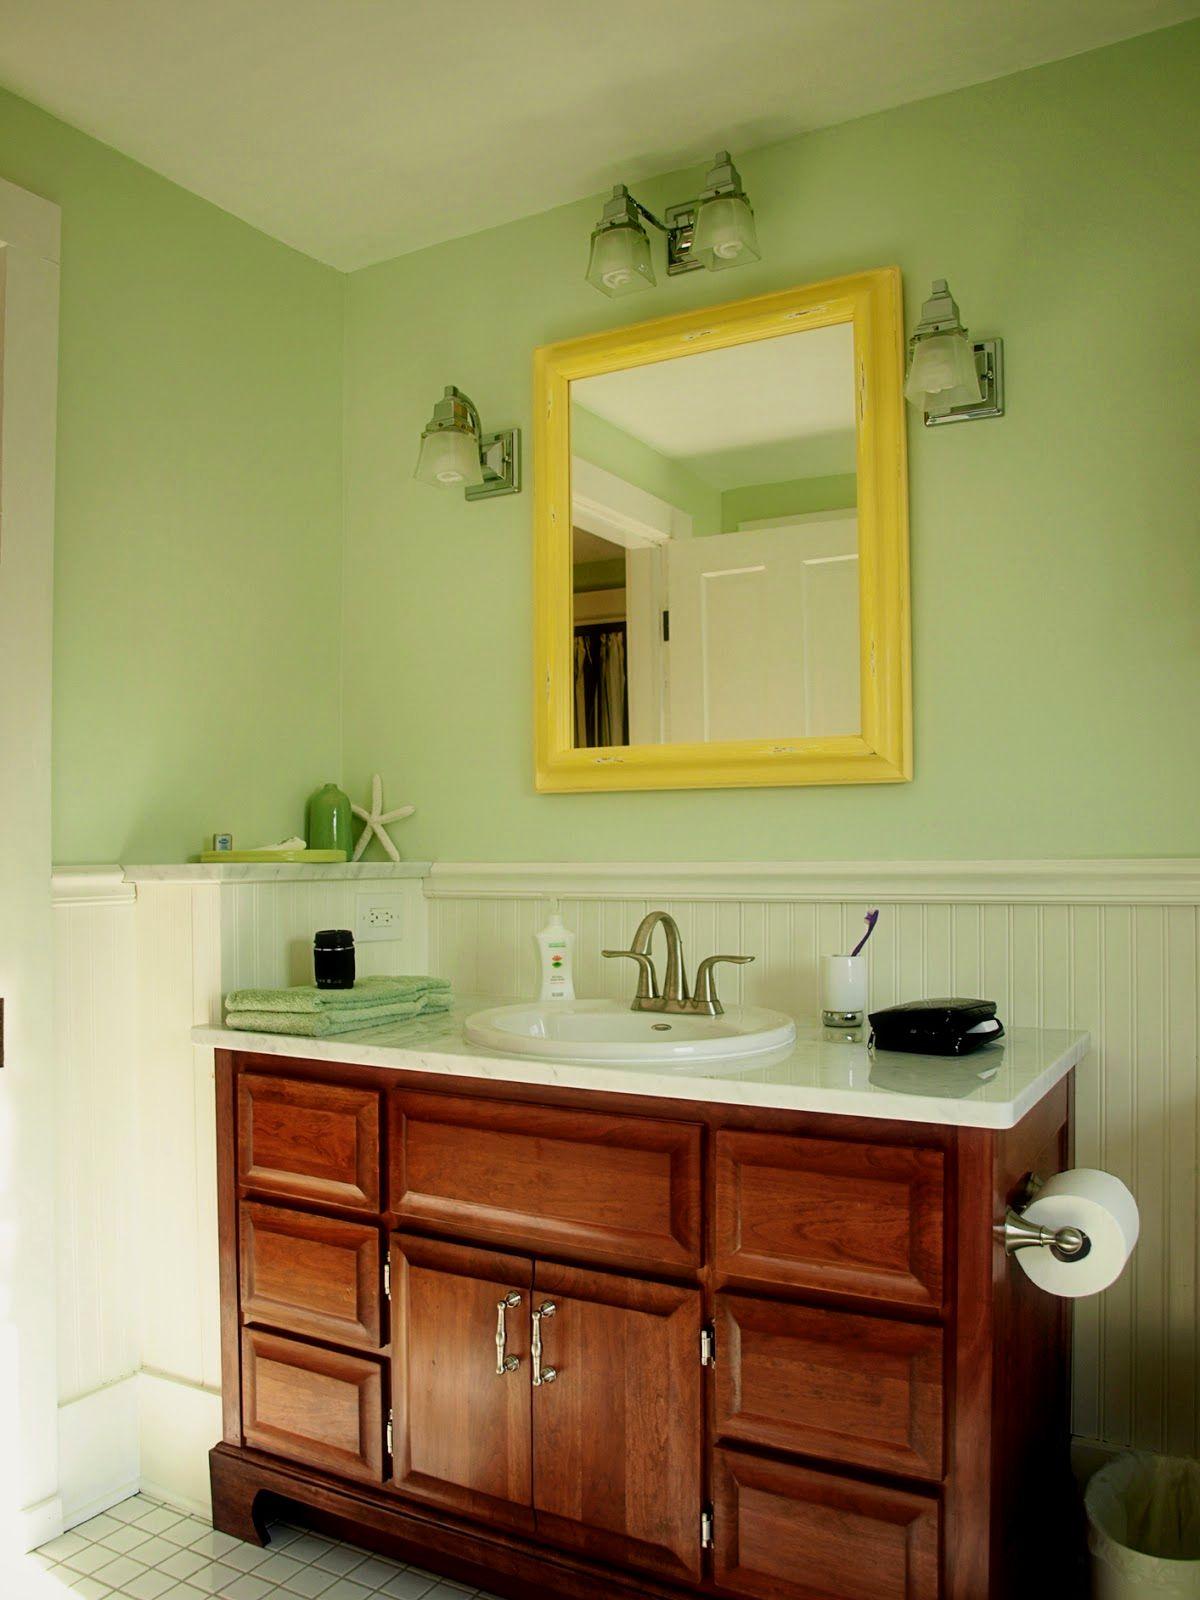 incredible small bathroom tiles design photograph-Contemporary Small Bathroom Tiles Design Architecture